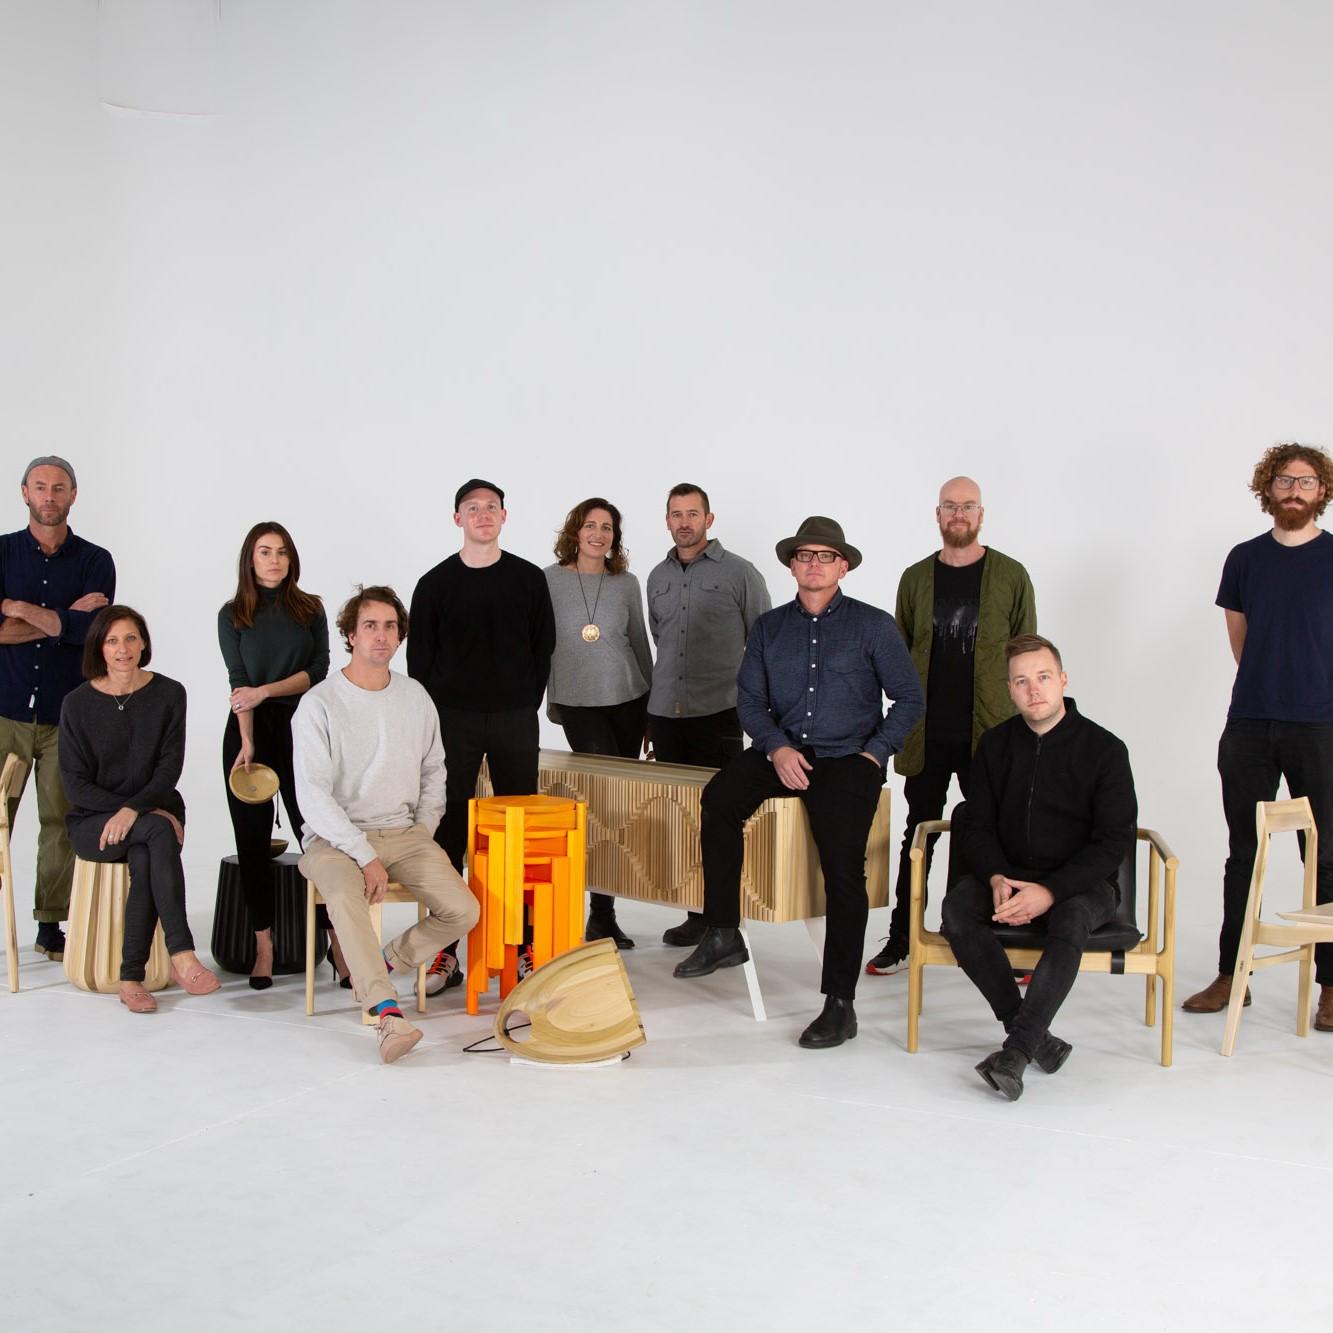 Den Fair with eight iconic Australian designers - Adam Goodrum, Anaca Studio, Marz Designs, Dowel Jones, Jon Gouler, Ross Gardam, Tom Skeehan and Adam Markowitz for  AHEC